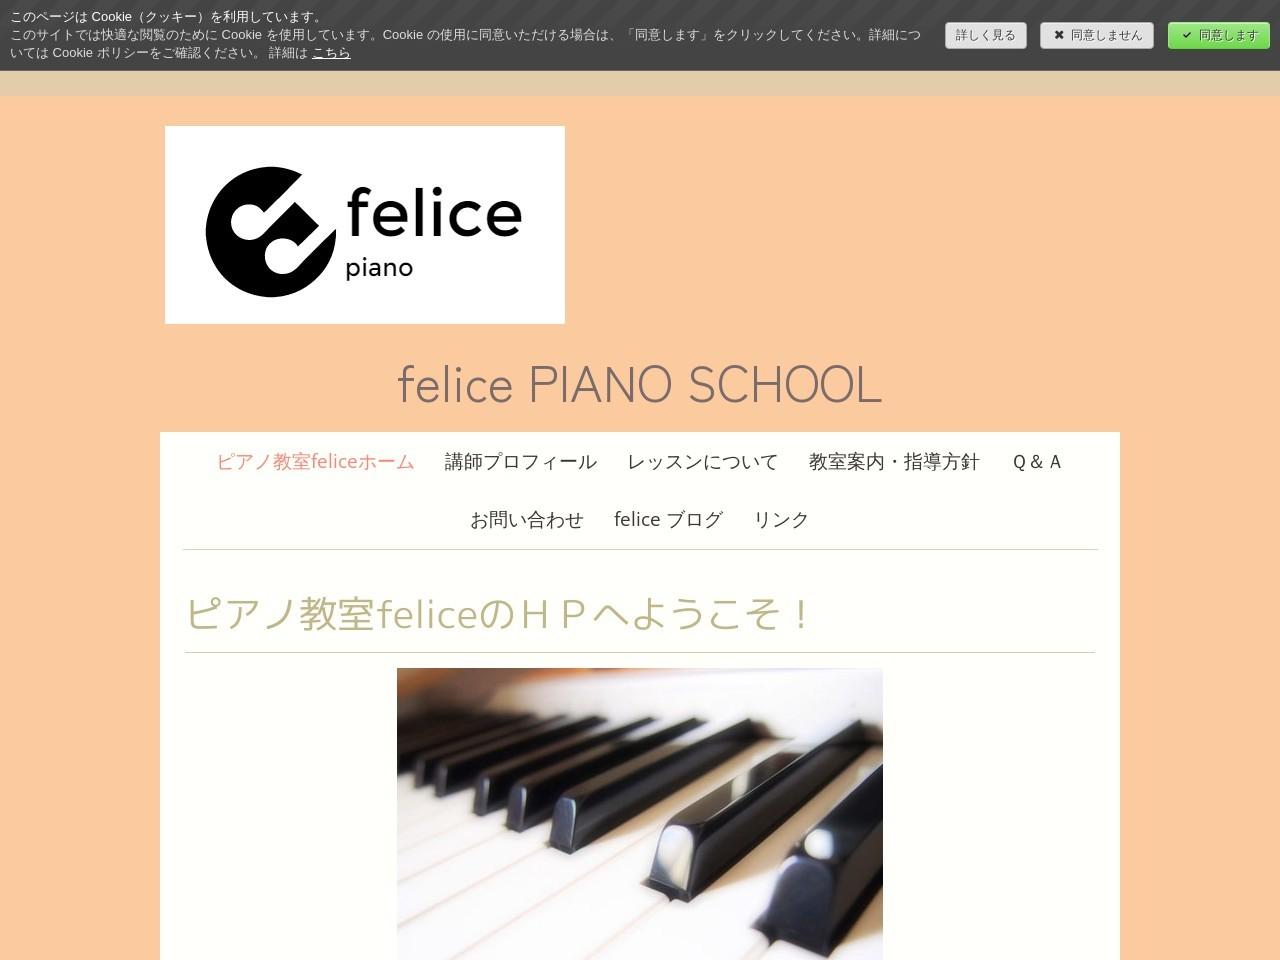 ピアノ教室feliceのサムネイル